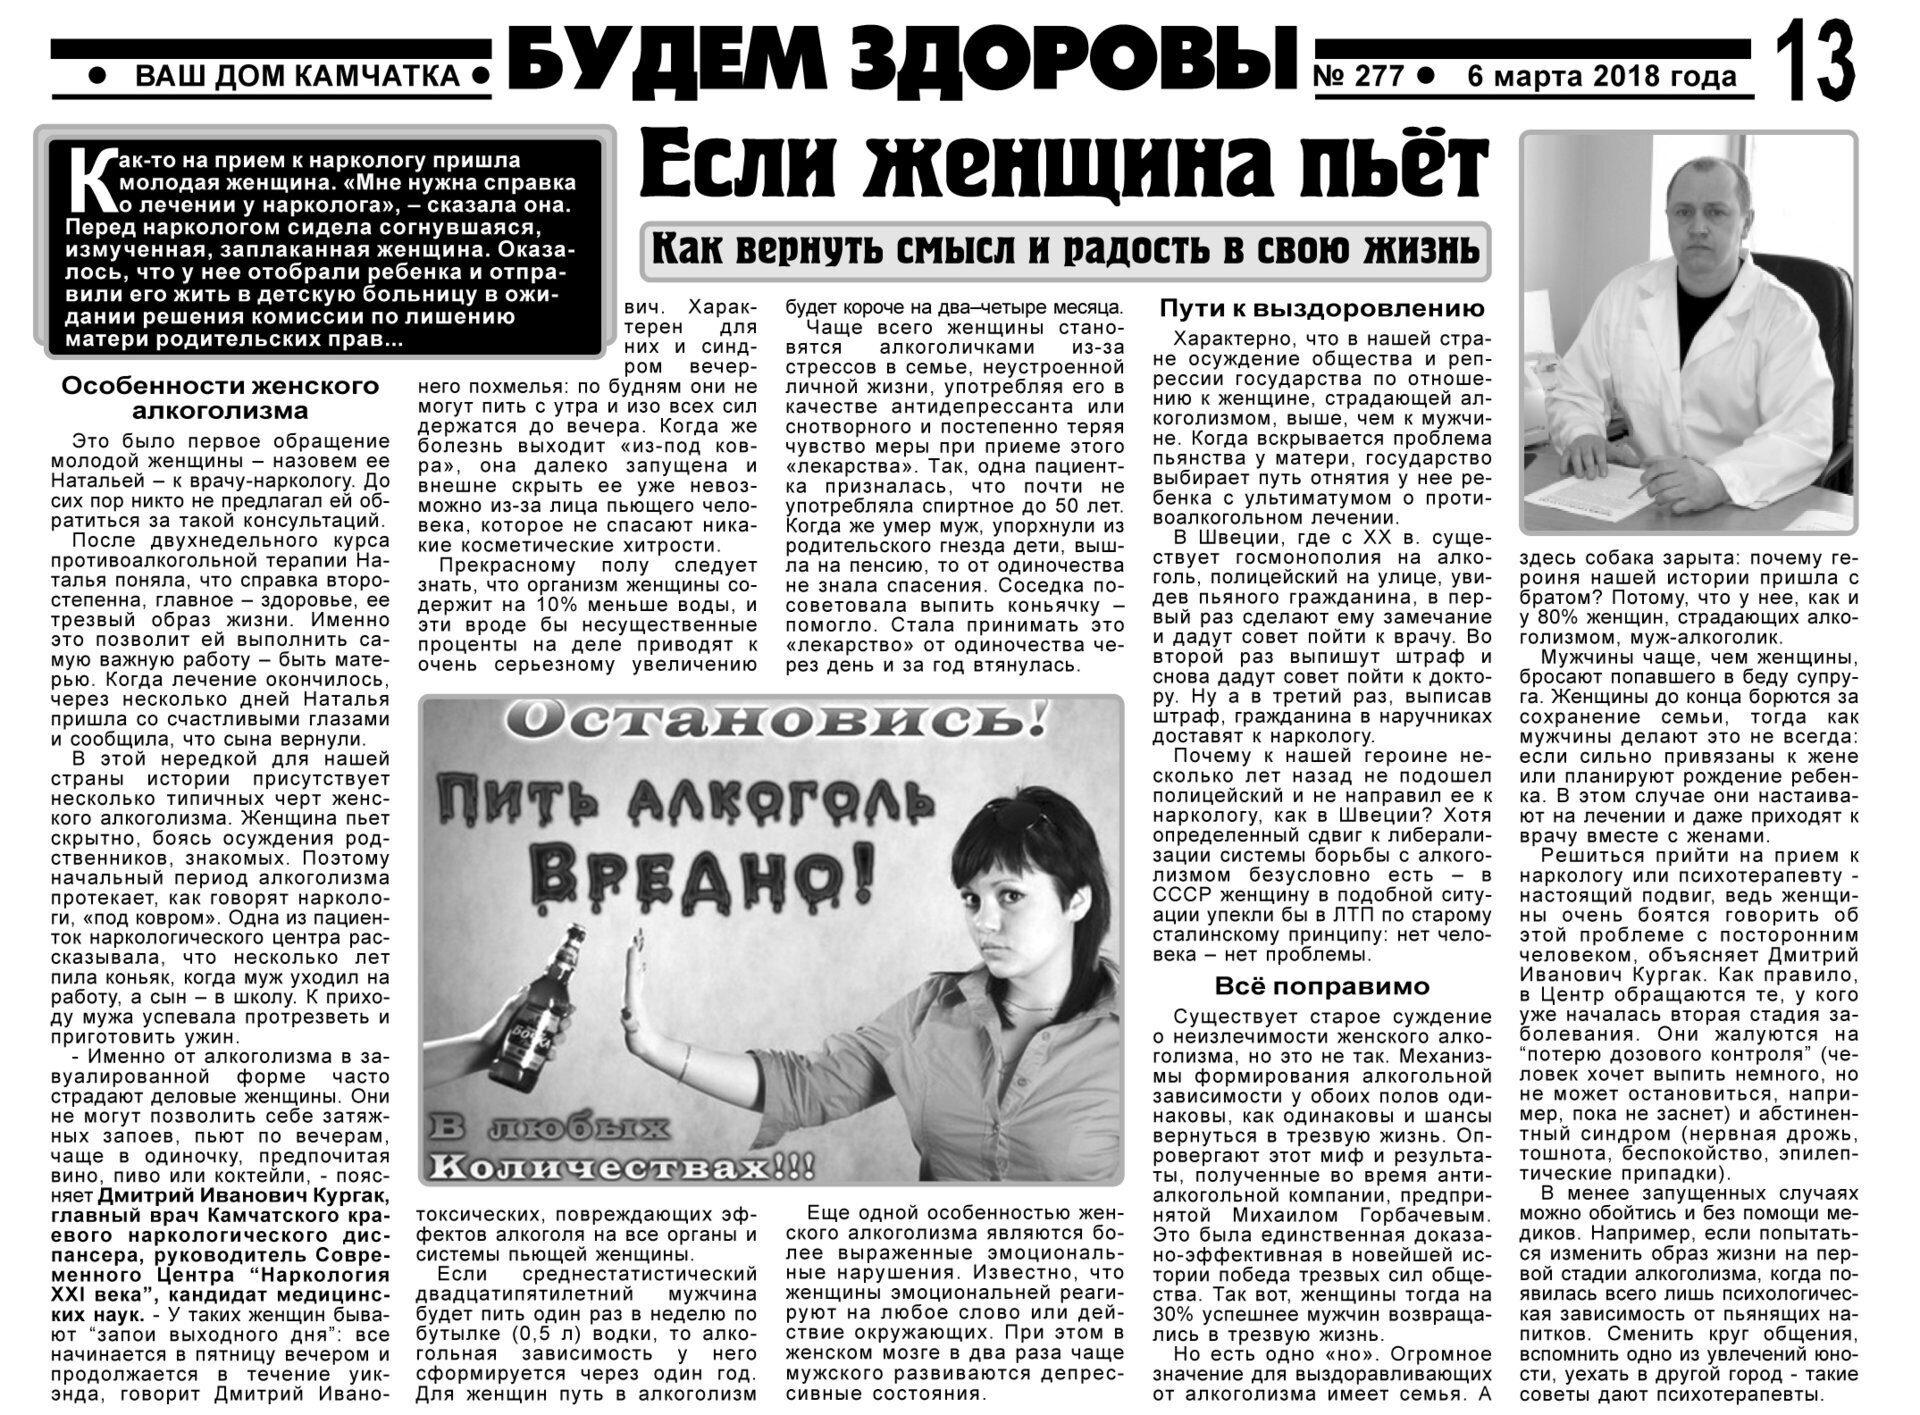 Публикация в газете Ваш Дом Камчатка №277